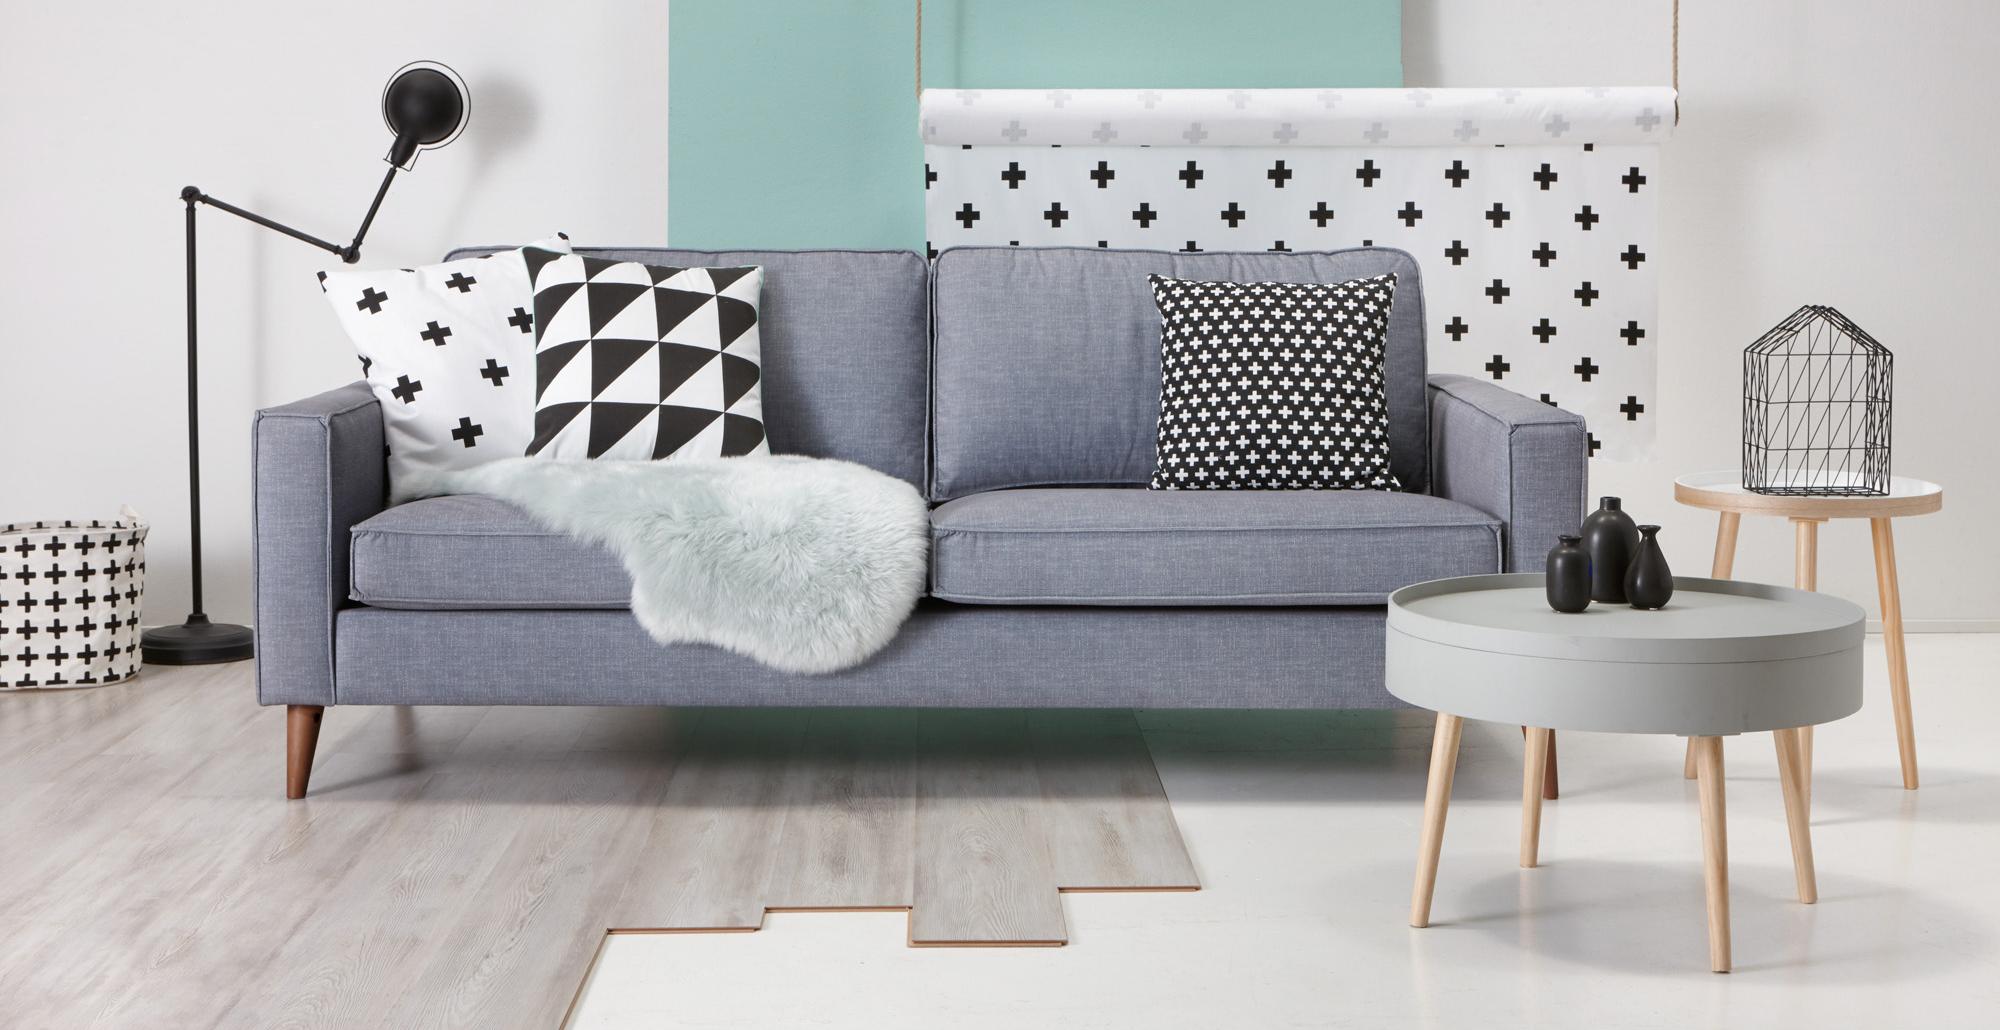 Woonkamer Ideeen Bruin : De nieuwste woontrends woonkamer ideeën twinkelbella